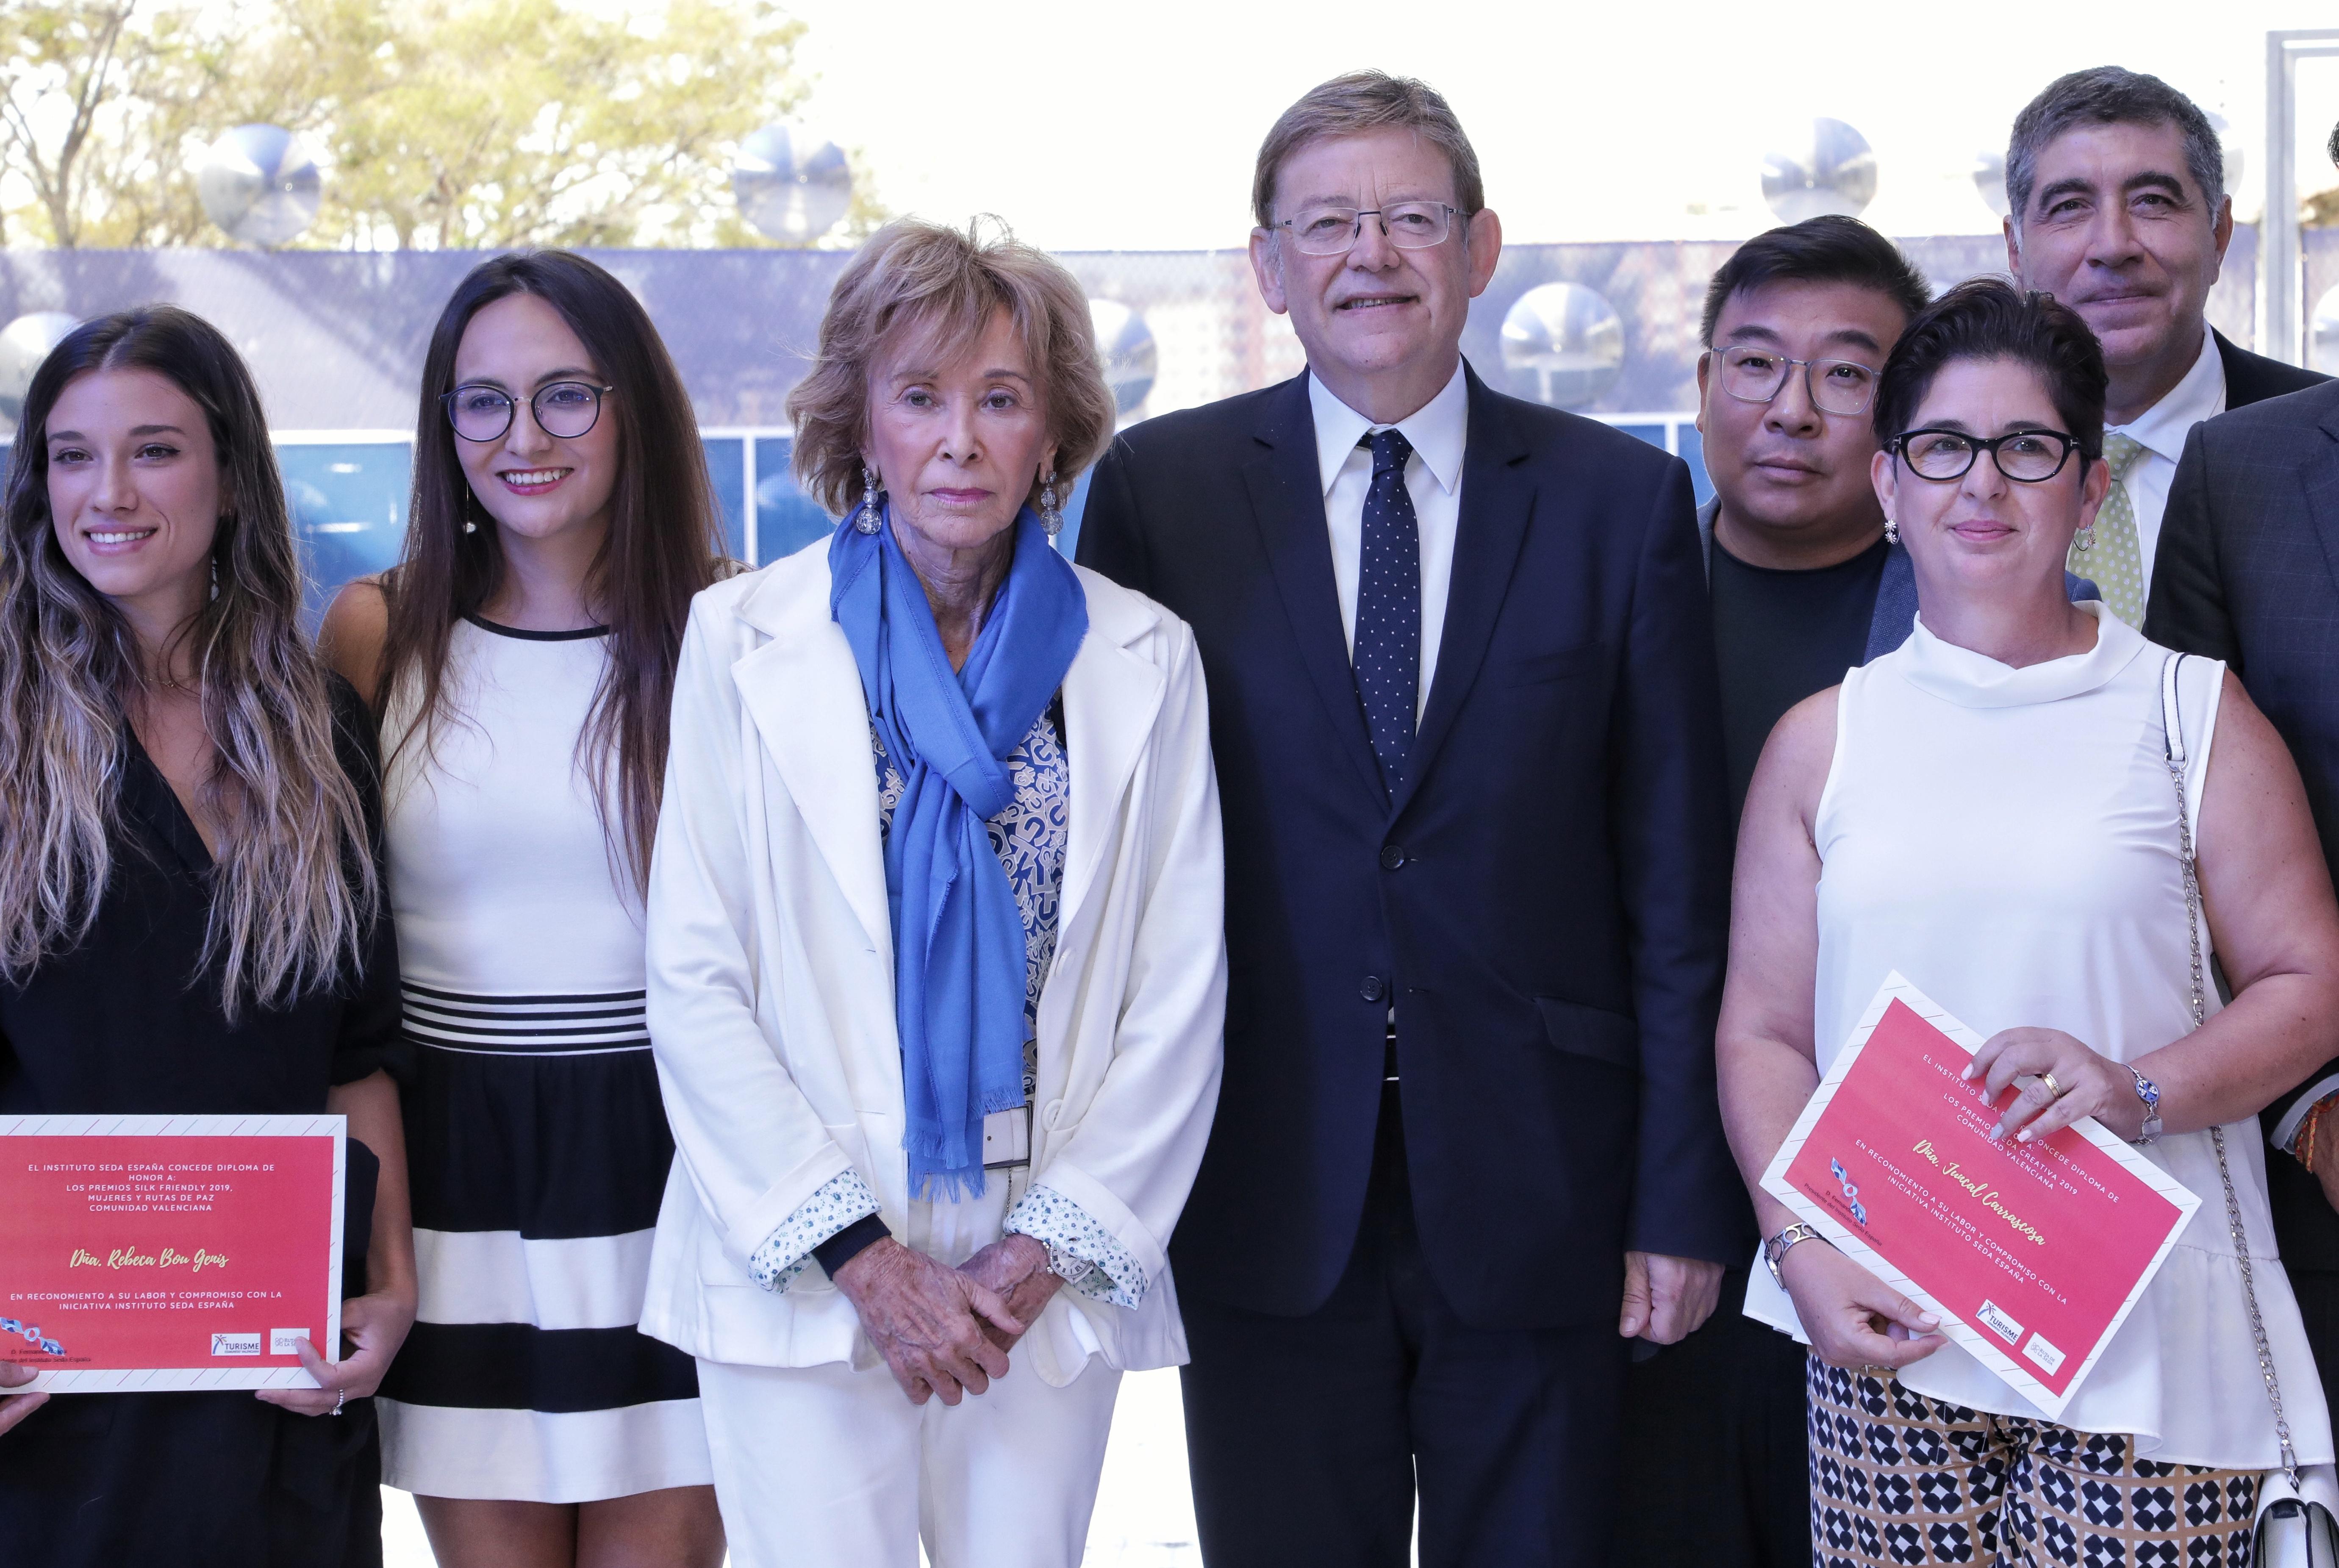 El president, Ximo Puig, junto a María Teresa Fernández de la Vega y la alcaldesa de Buñol, Juncal Carrascosa, entre otros.